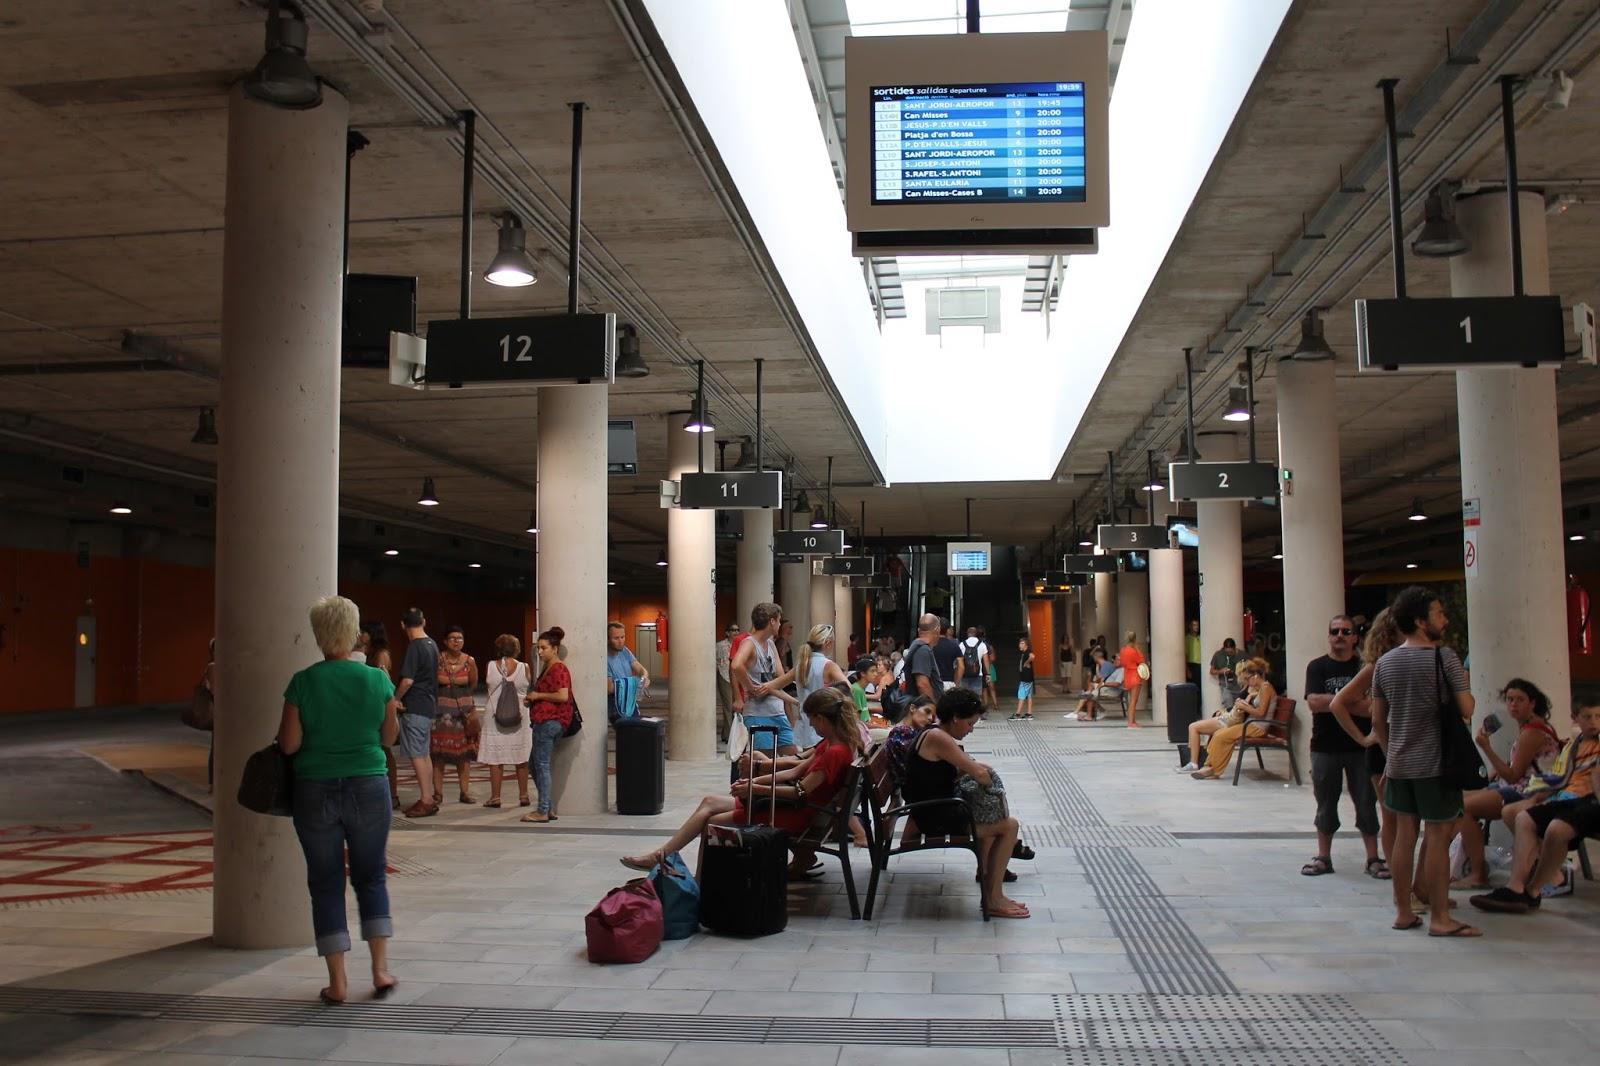 Estación de autobuses Cetis Ibiza